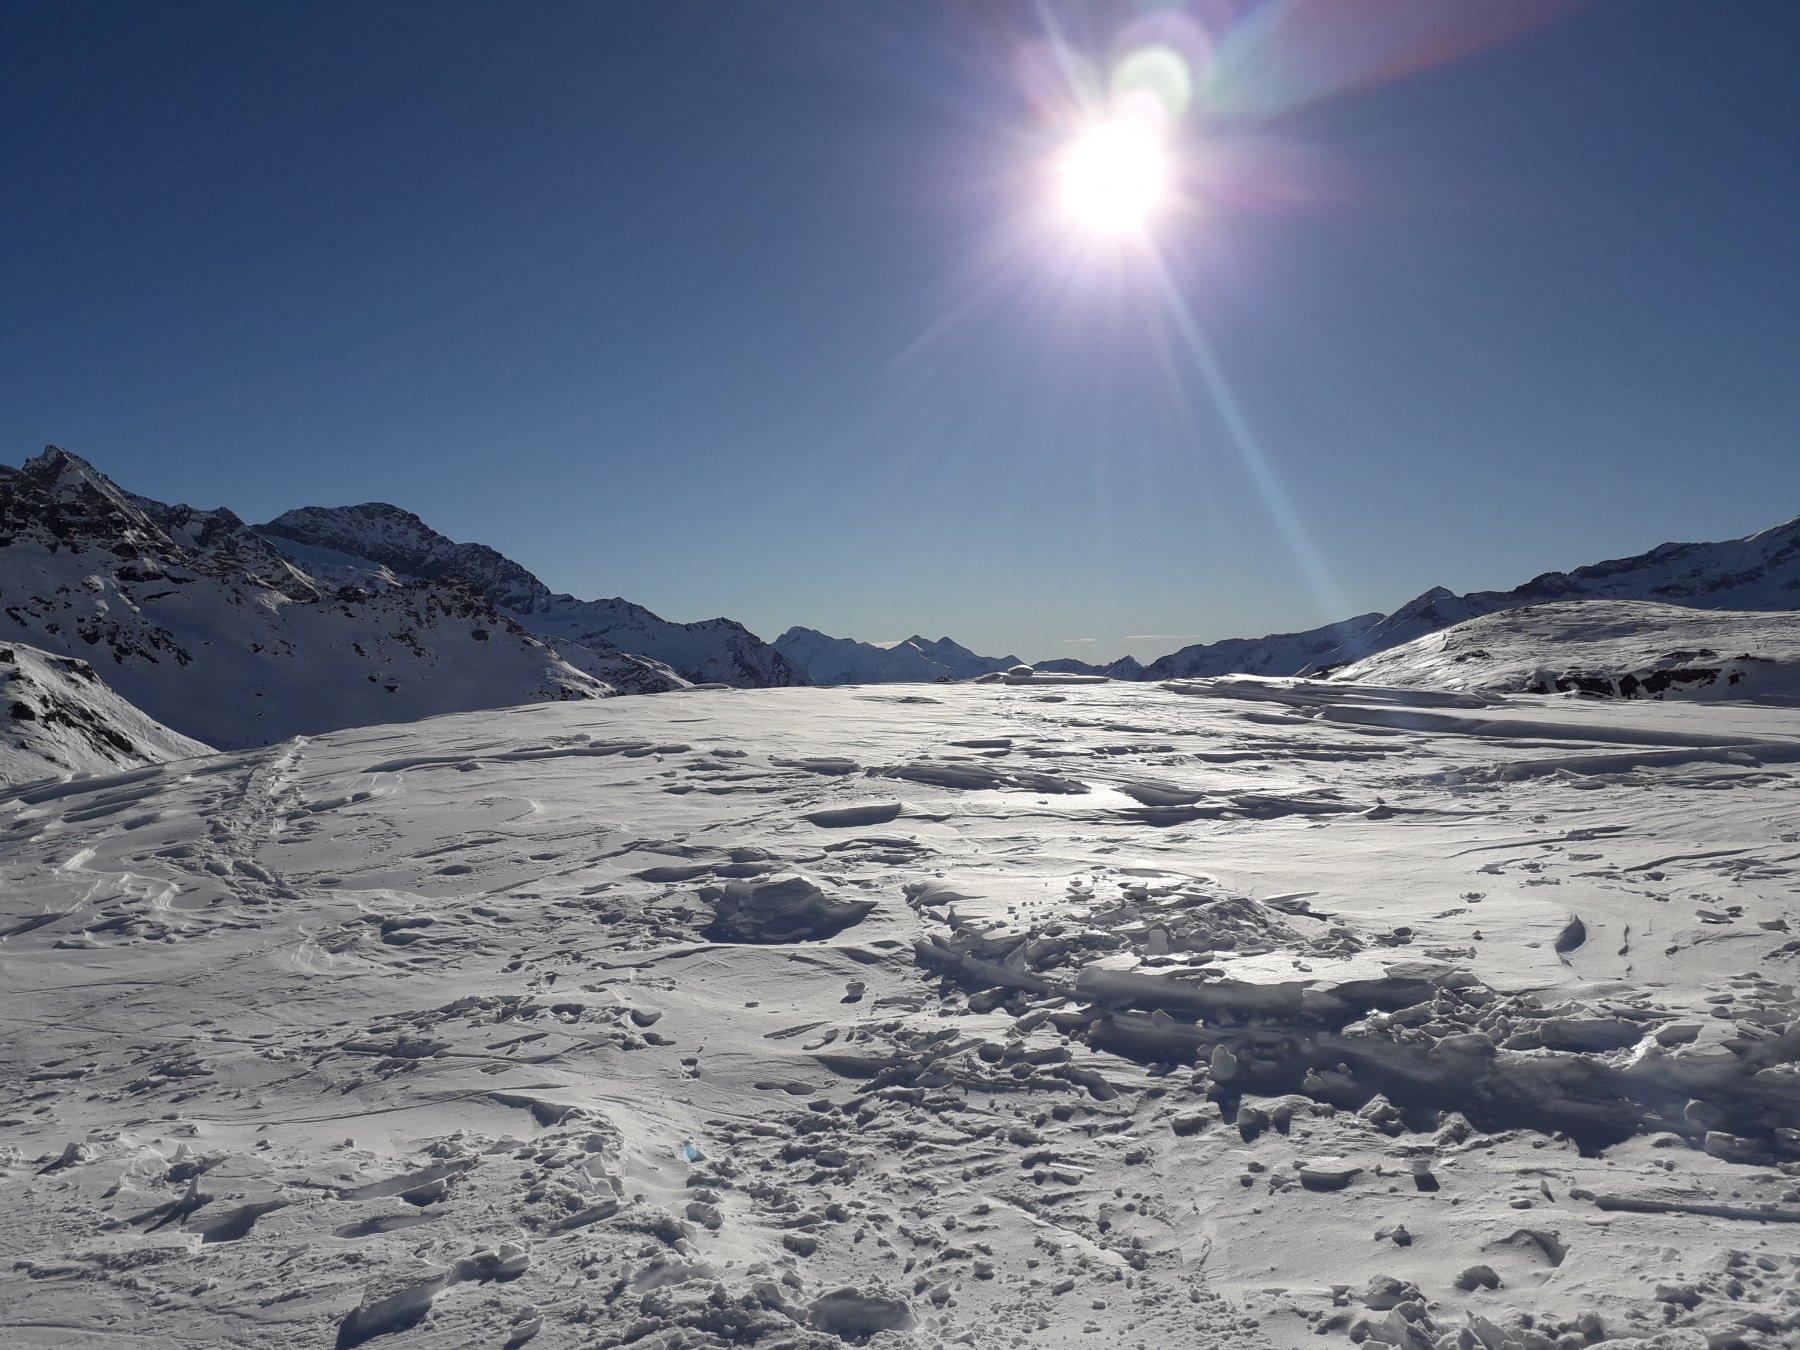 Giornata eccezionale e neve stupenda!